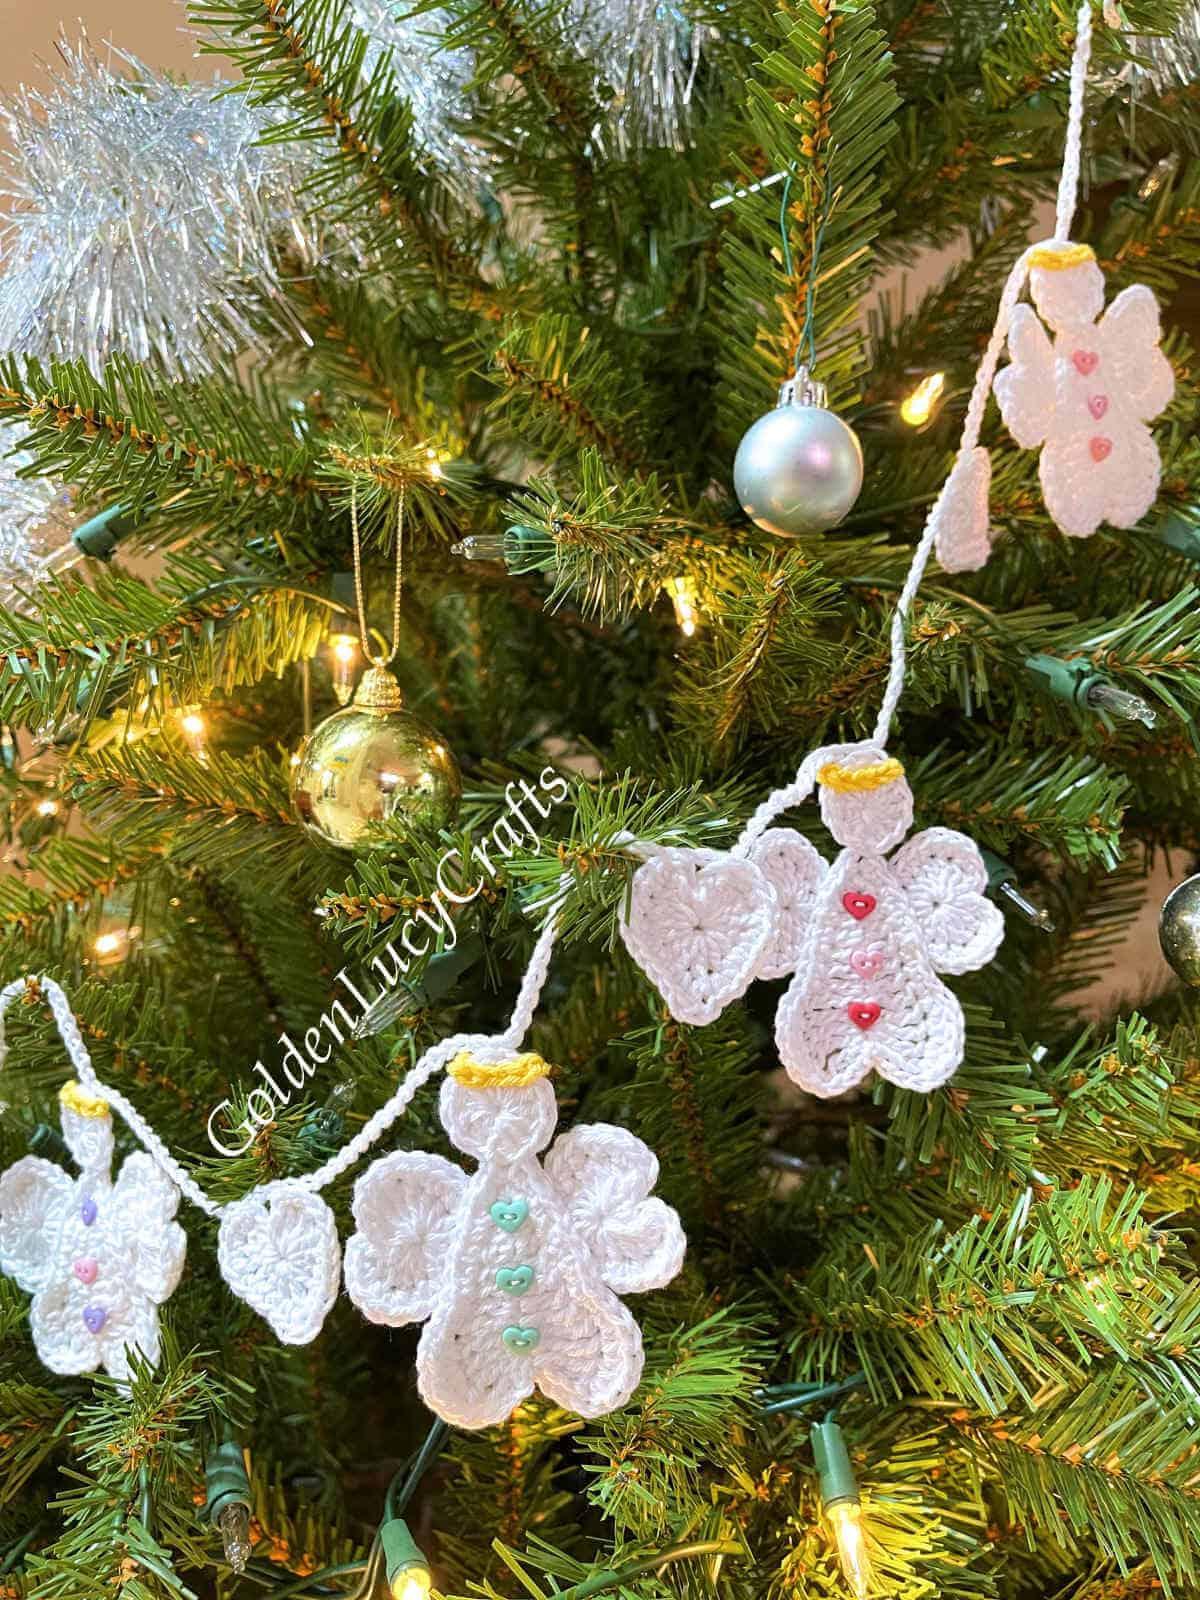 Árvore de Natal decorada com guirlanda de anjo de crochê.